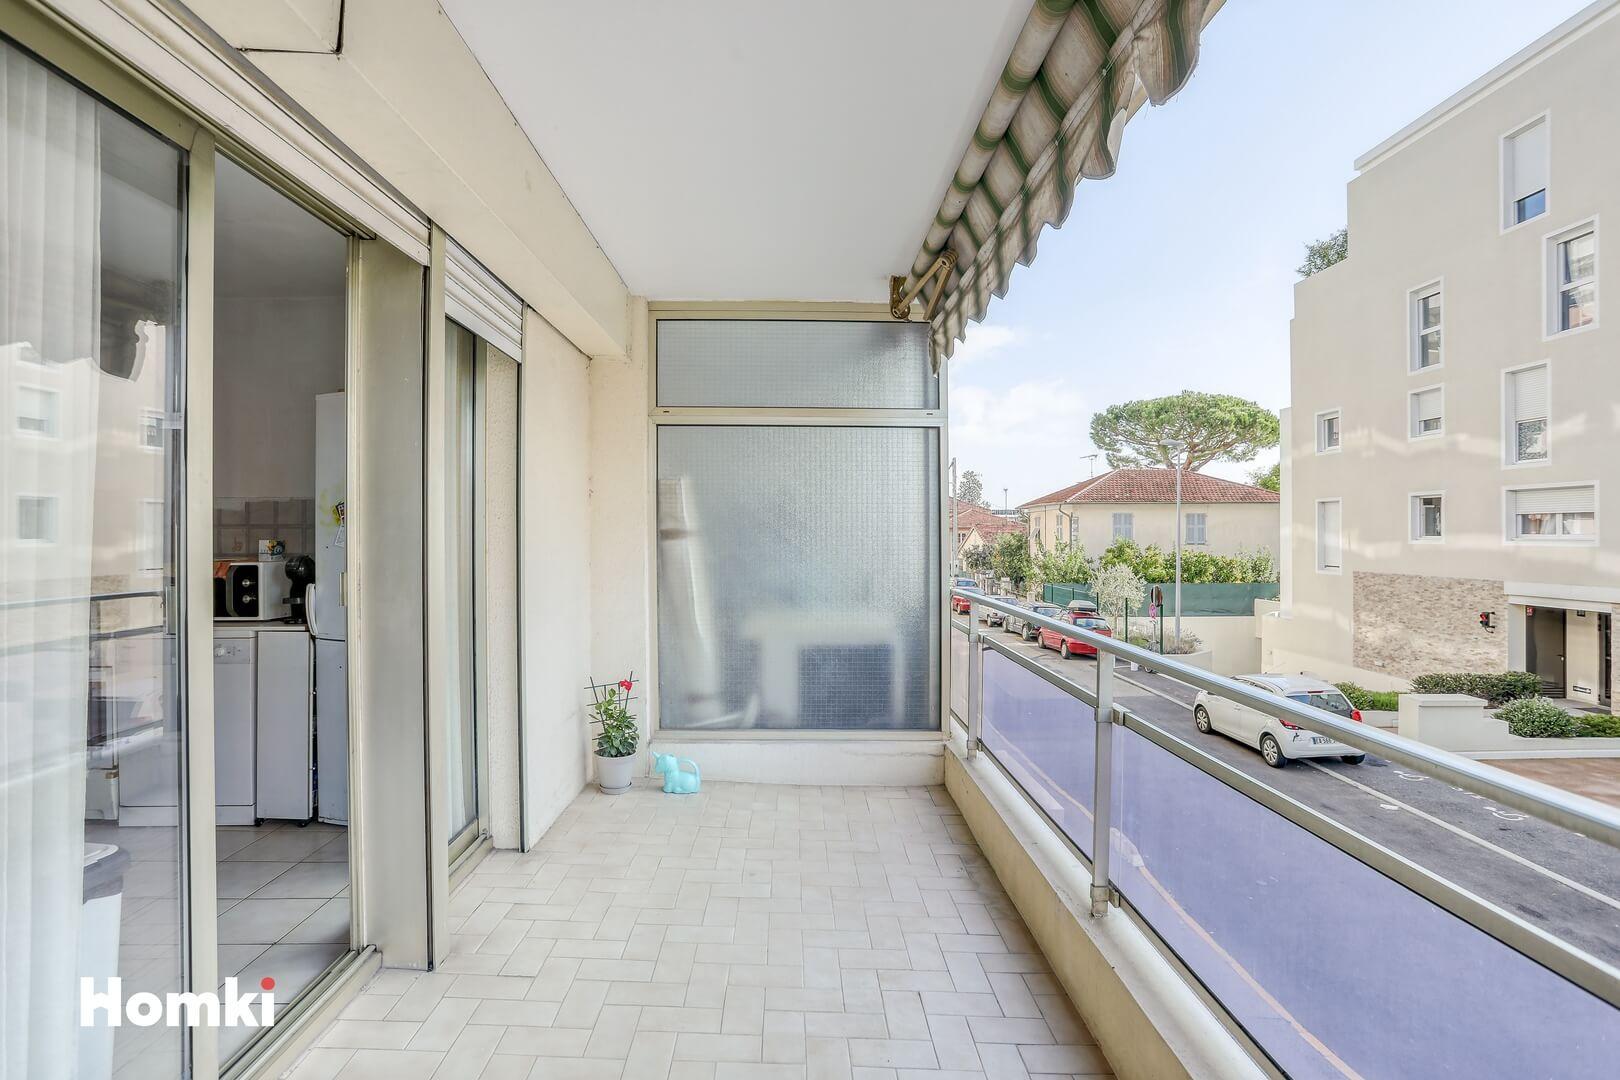 Homki - Vente Appartement  de 63.0 m² à Saint-Laurent-du-Var 06700